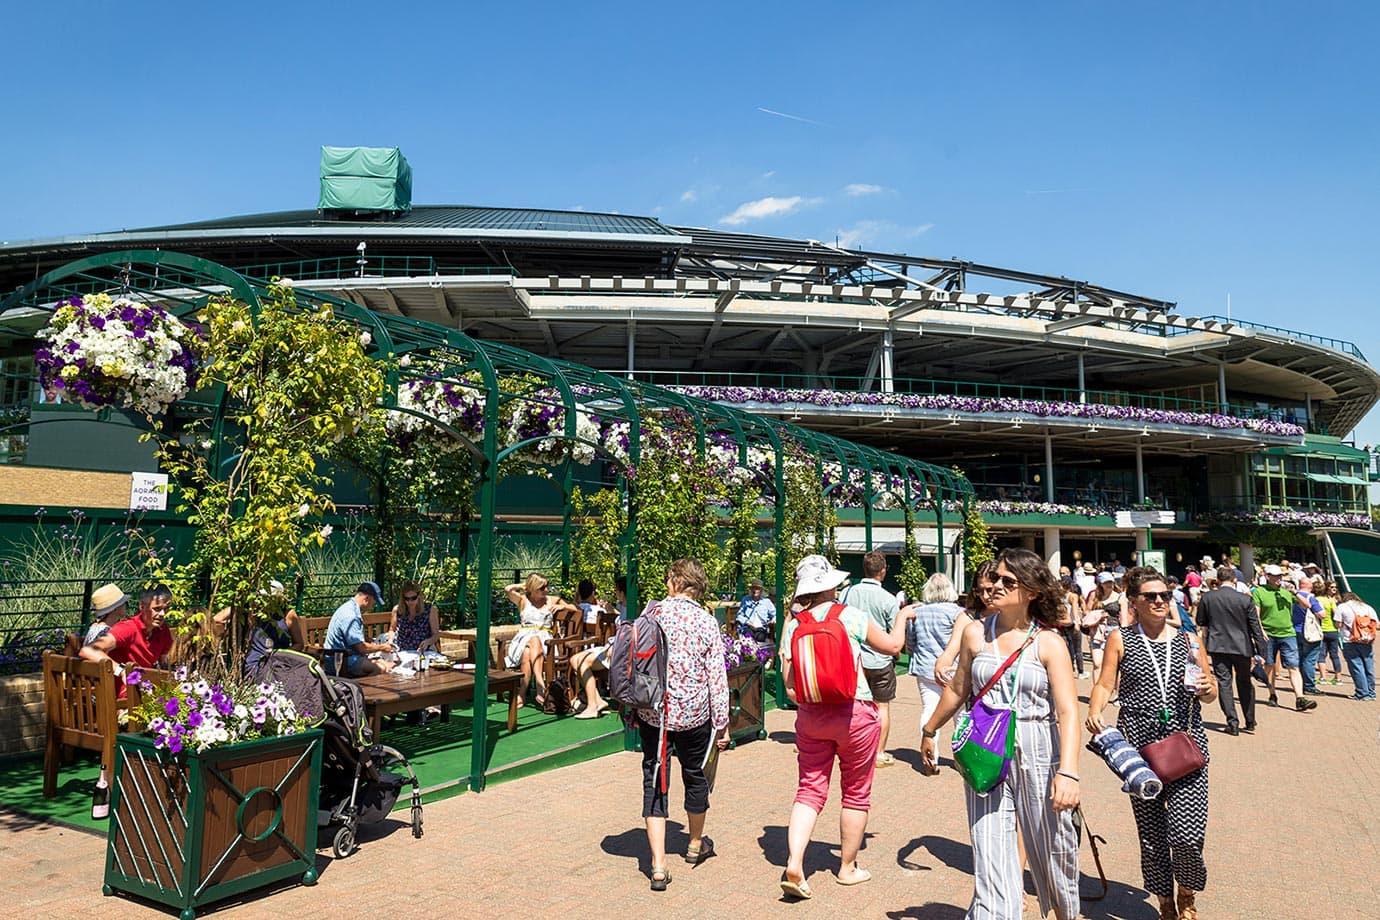 Grounds at Wimbledon